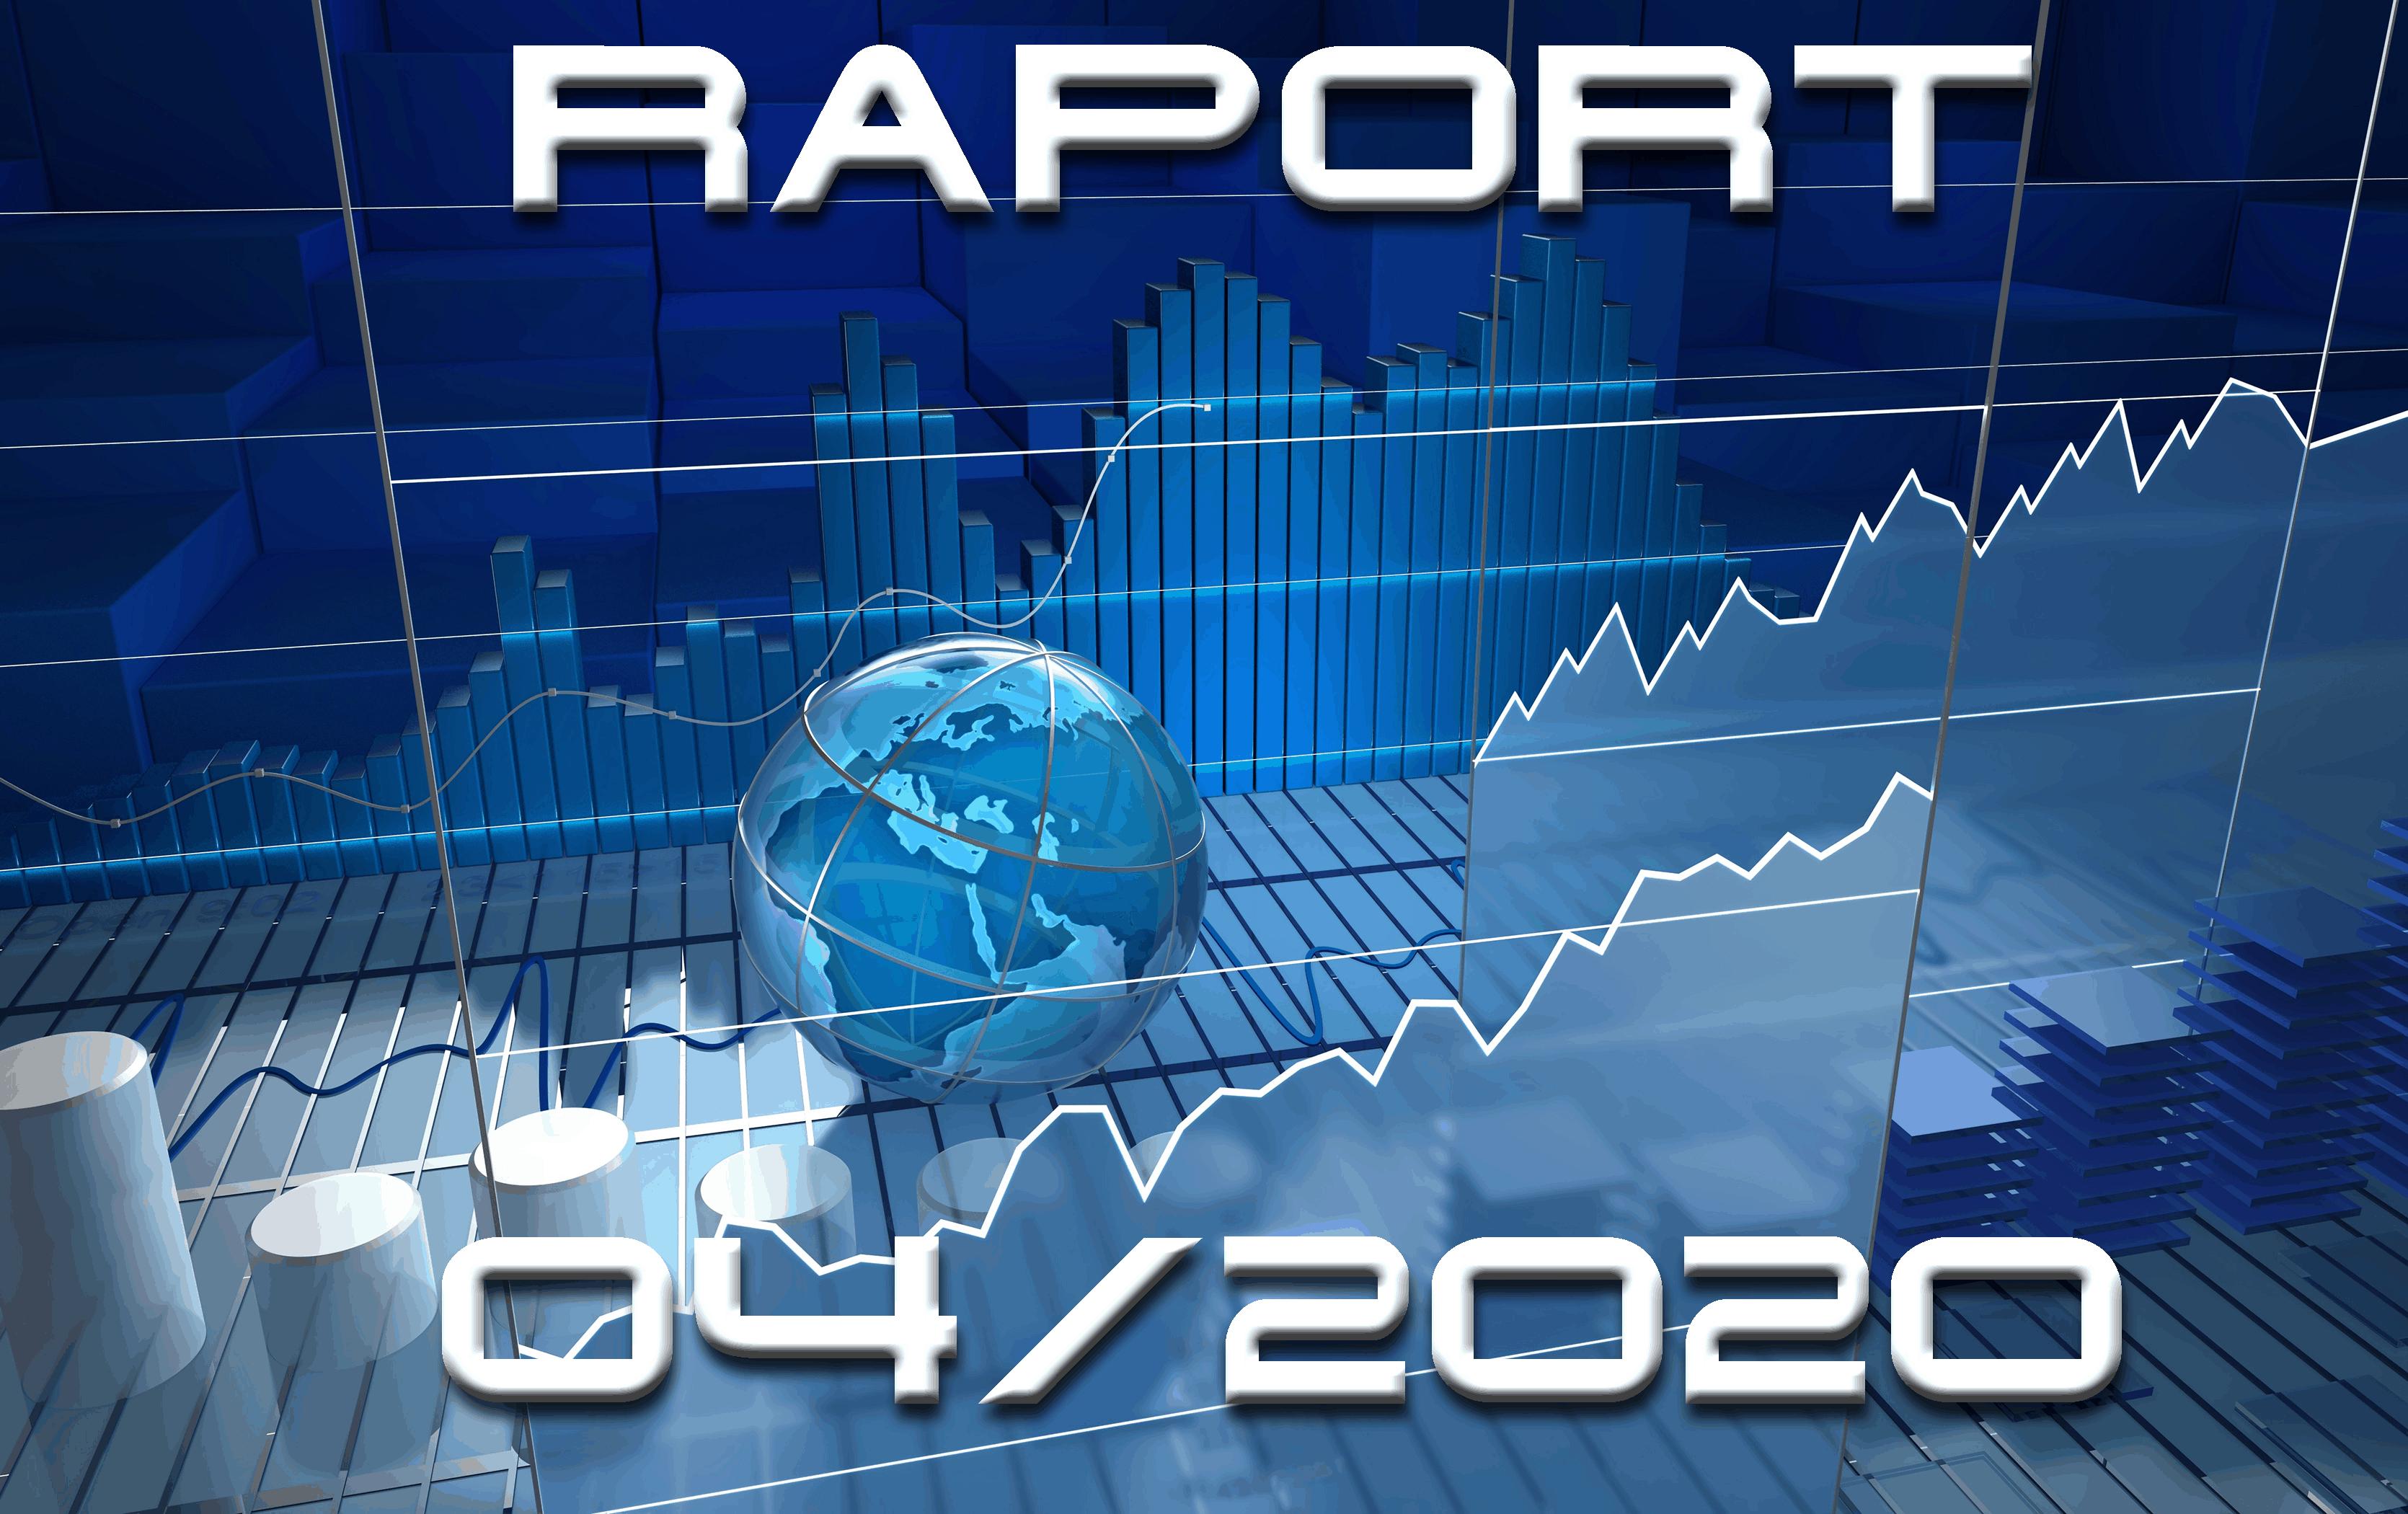 intraday'owa statystyka - raport kwiecień 2020